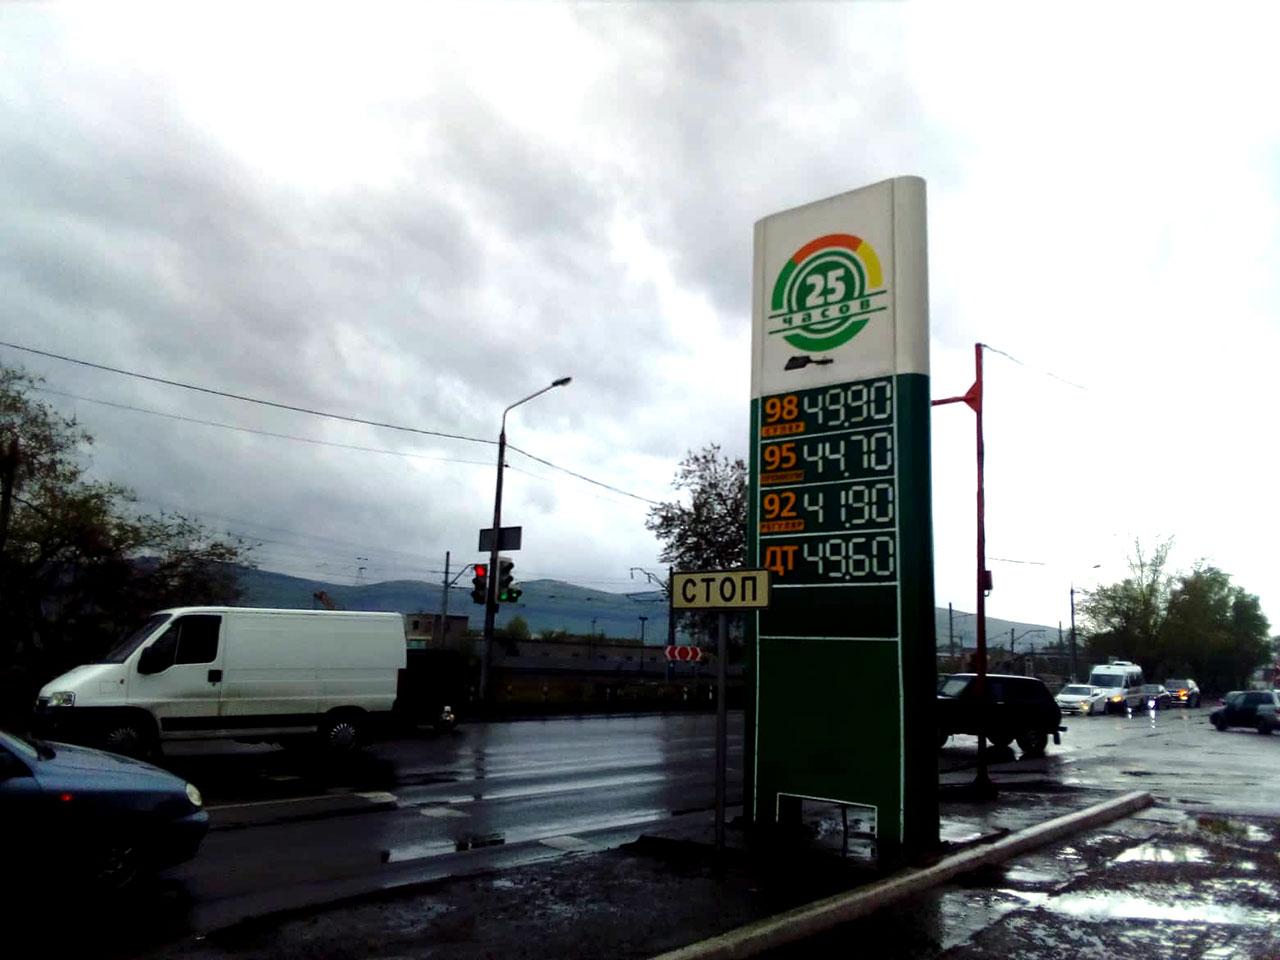 Красноярске часов 25 бензина стоимость в в антиквариат продать москве часы